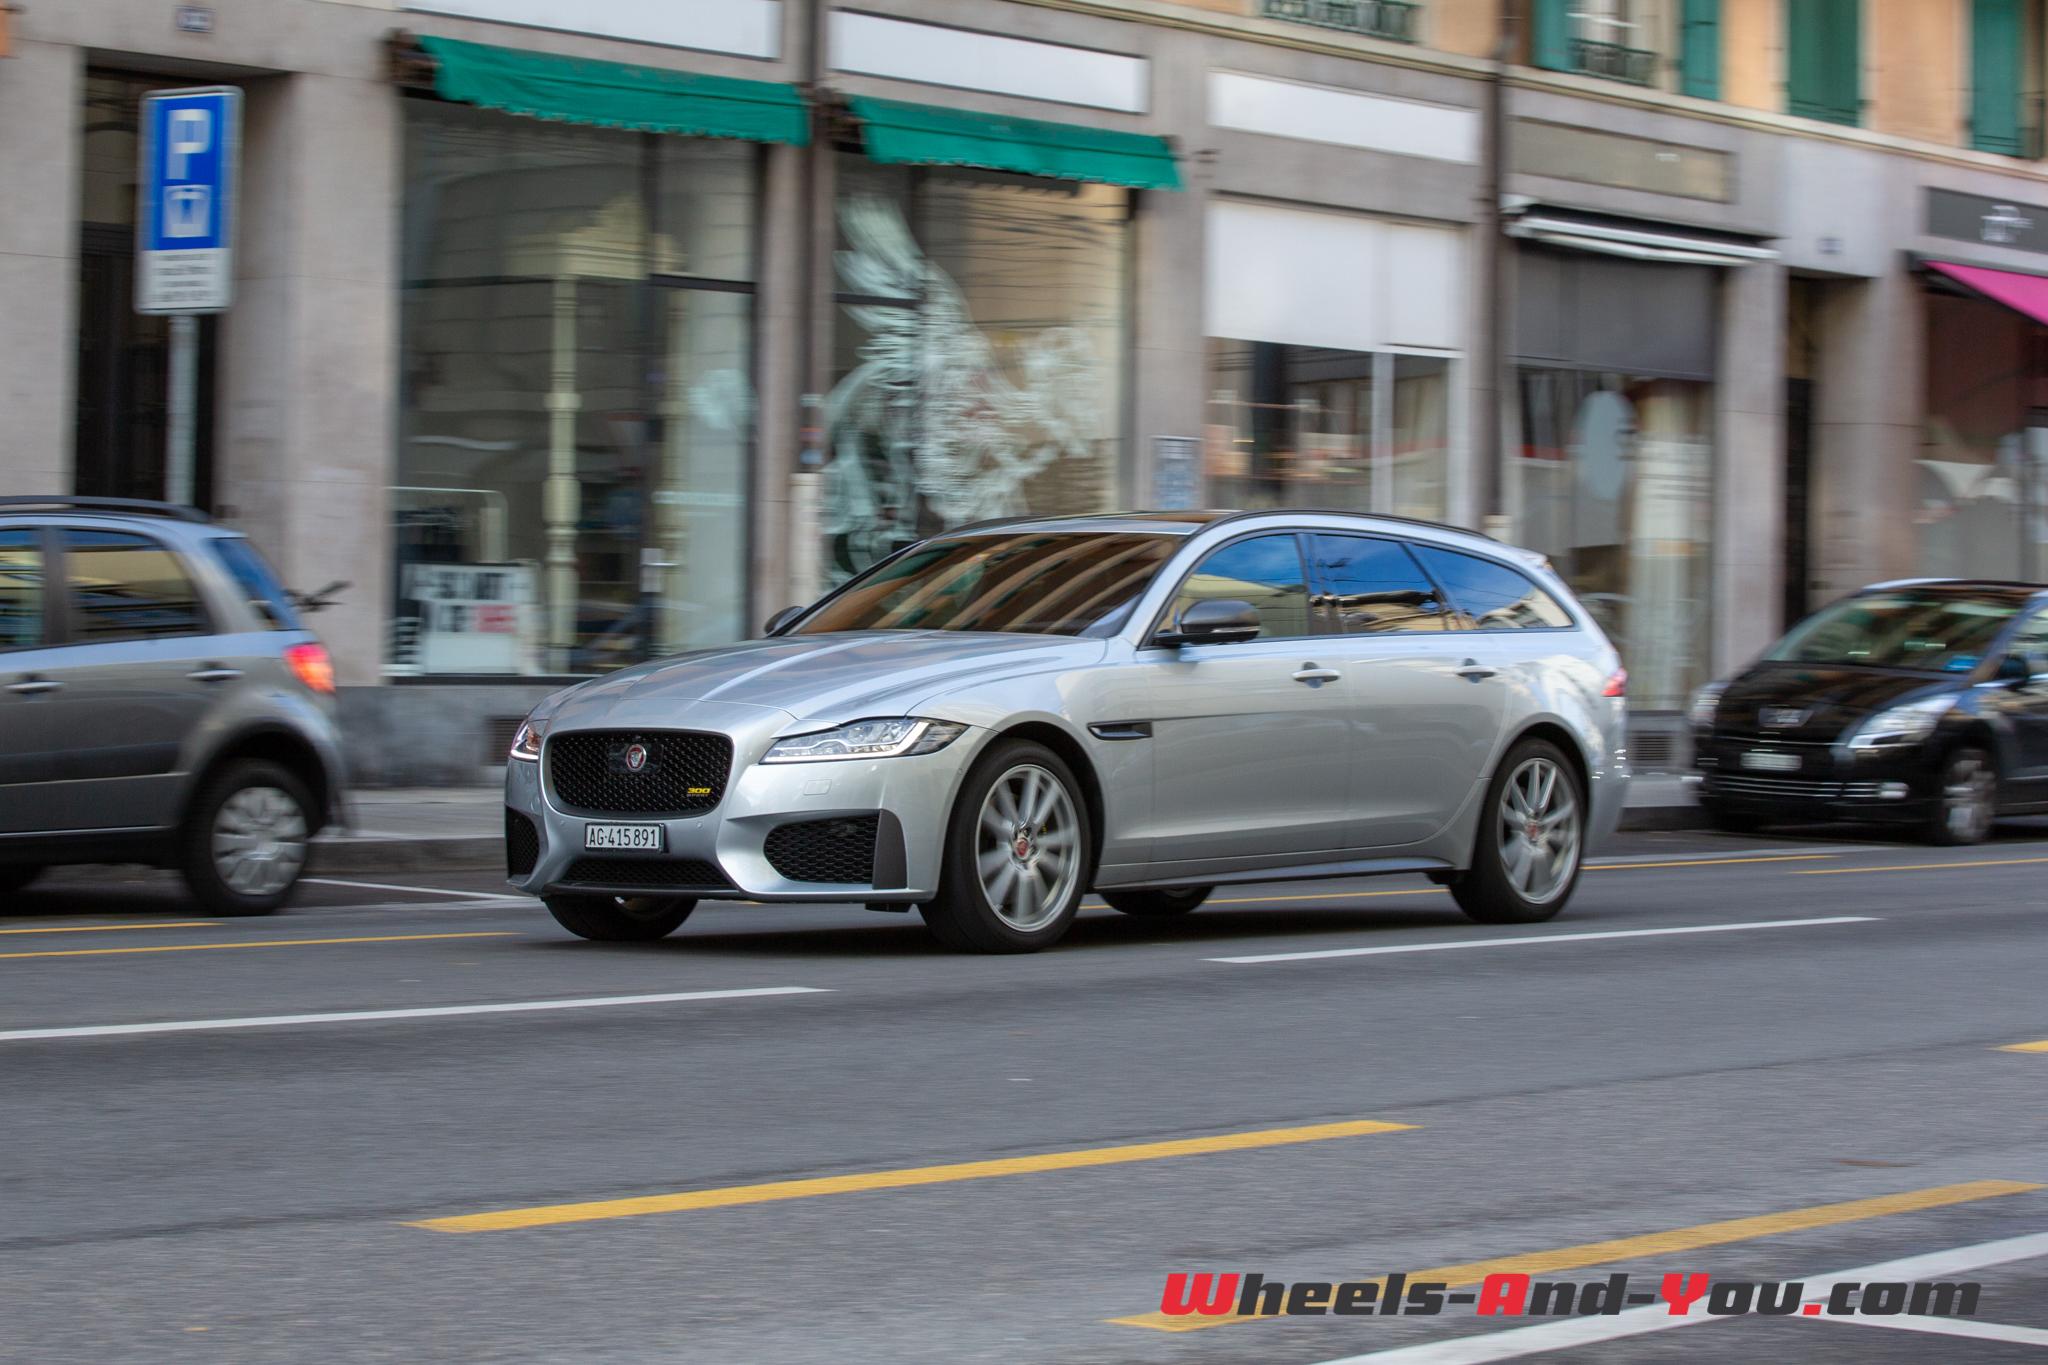 Essai - Jaguar XF Sportbrake 300 Sport : Le nom ne fait pas tout - wheels-and-you.com